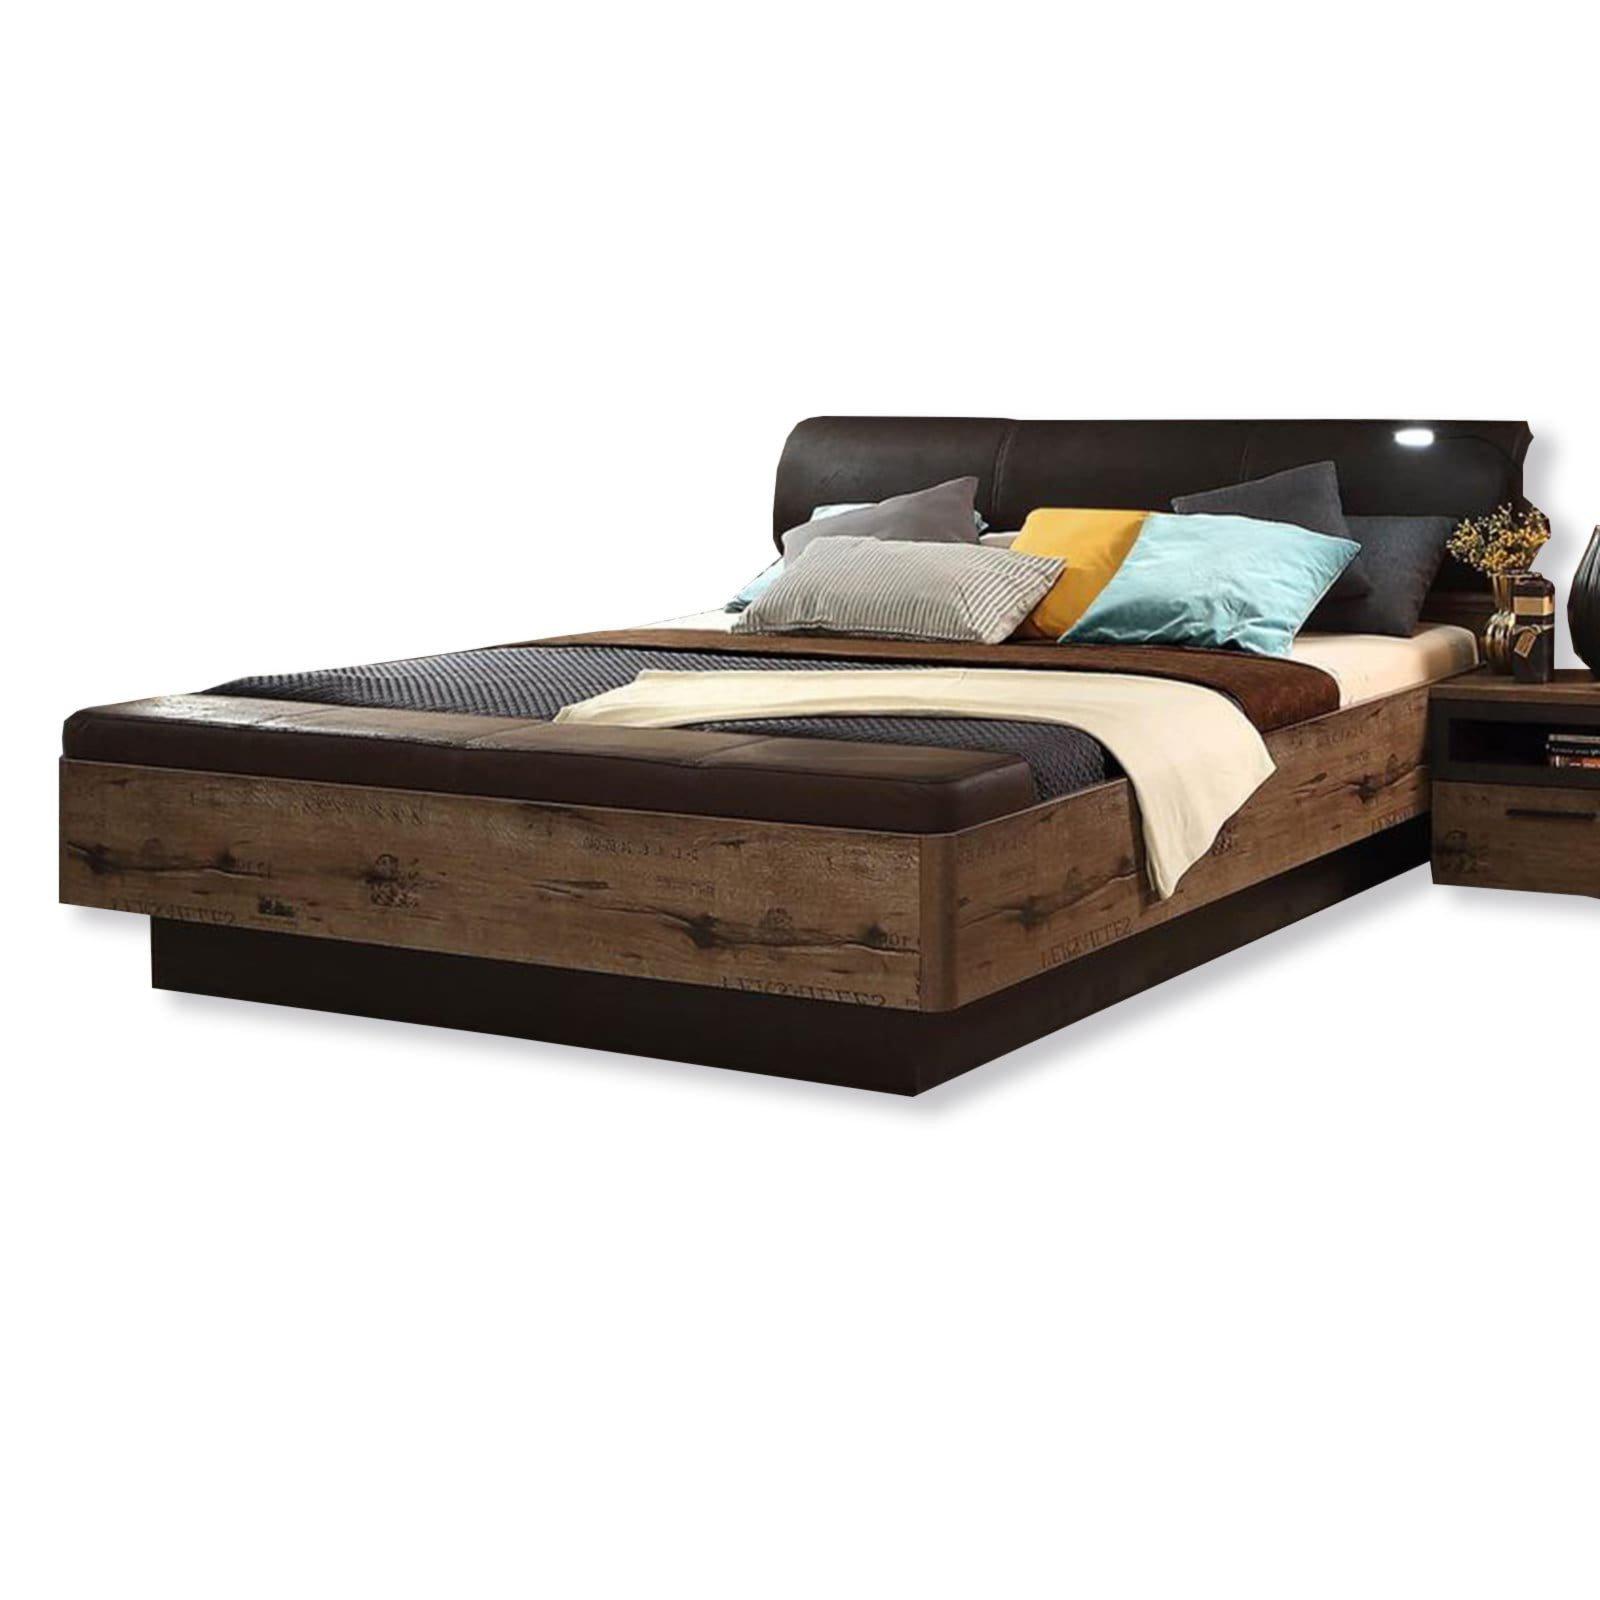 bettanlage jacky schlammeiche schwarzeiche 180x200 cm schlafzimmer jacky. Black Bedroom Furniture Sets. Home Design Ideas